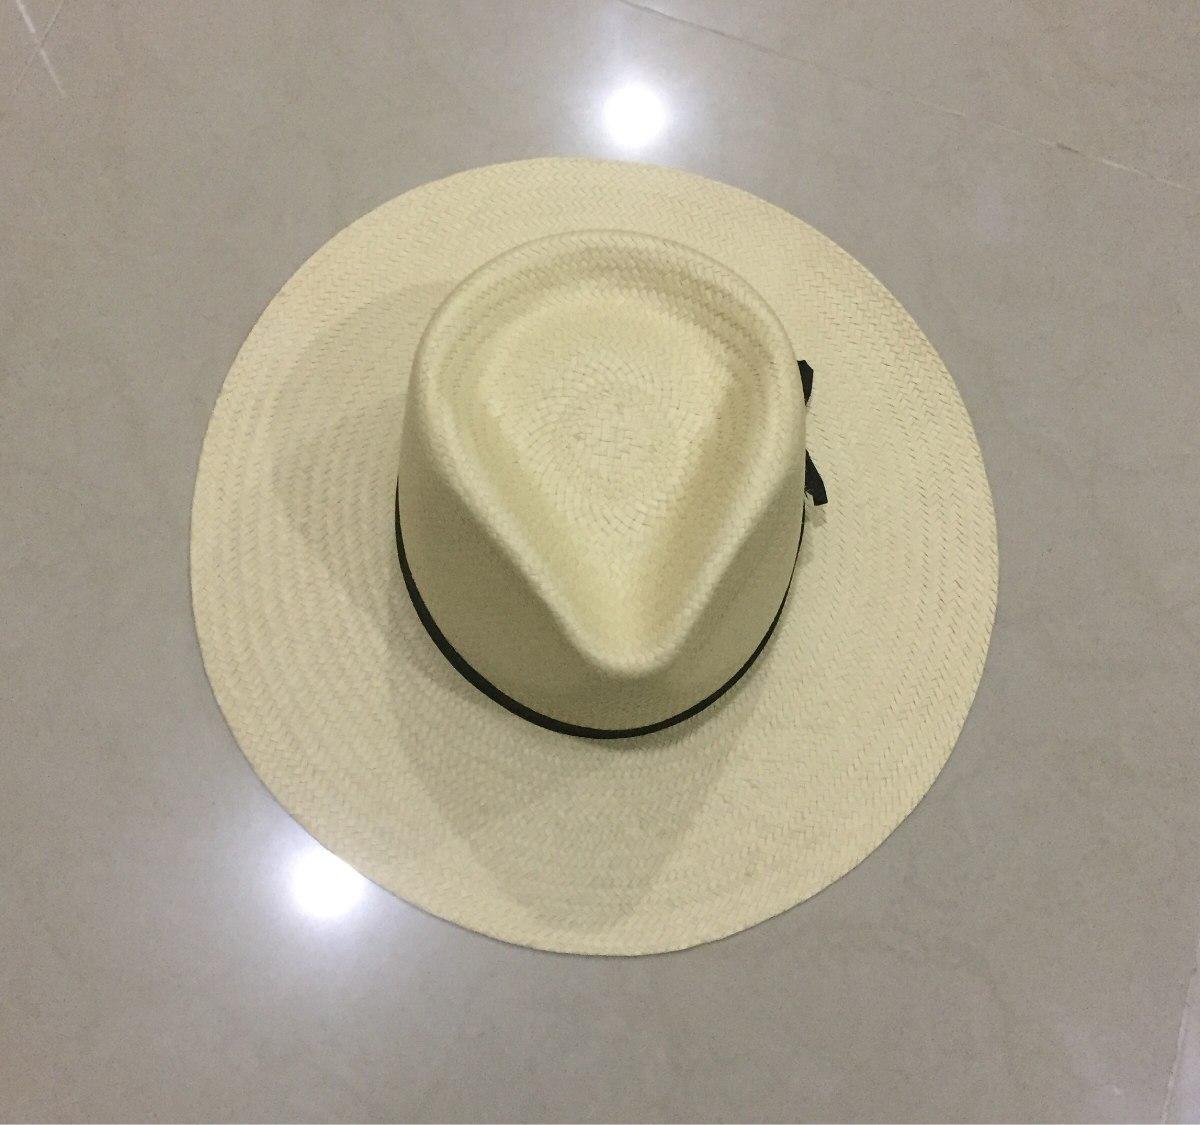 6c1c9d7e25119 Panama Hat Sombrero Yucateco De Palma -   550.00 en Mercado Libre